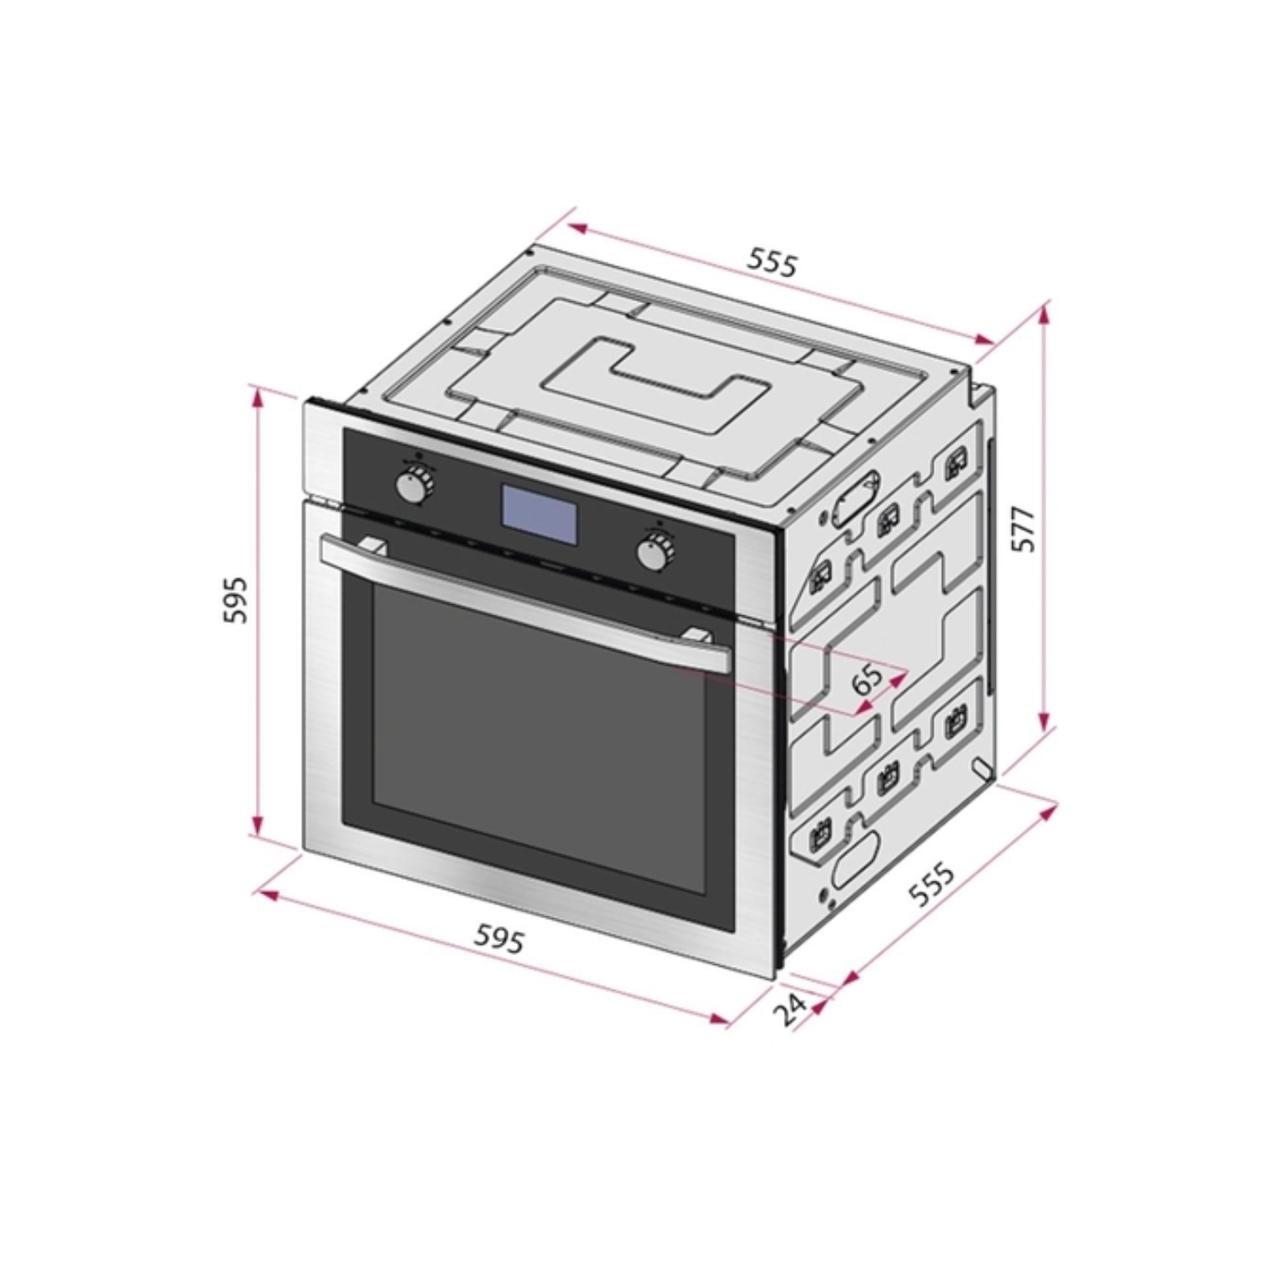 Kit Forno Elétrico de Embutir 69 L com 9 Funções + Micro-ondas de Embutir 25 L com 8 Funções em Aço Inox 220 V Tramontina